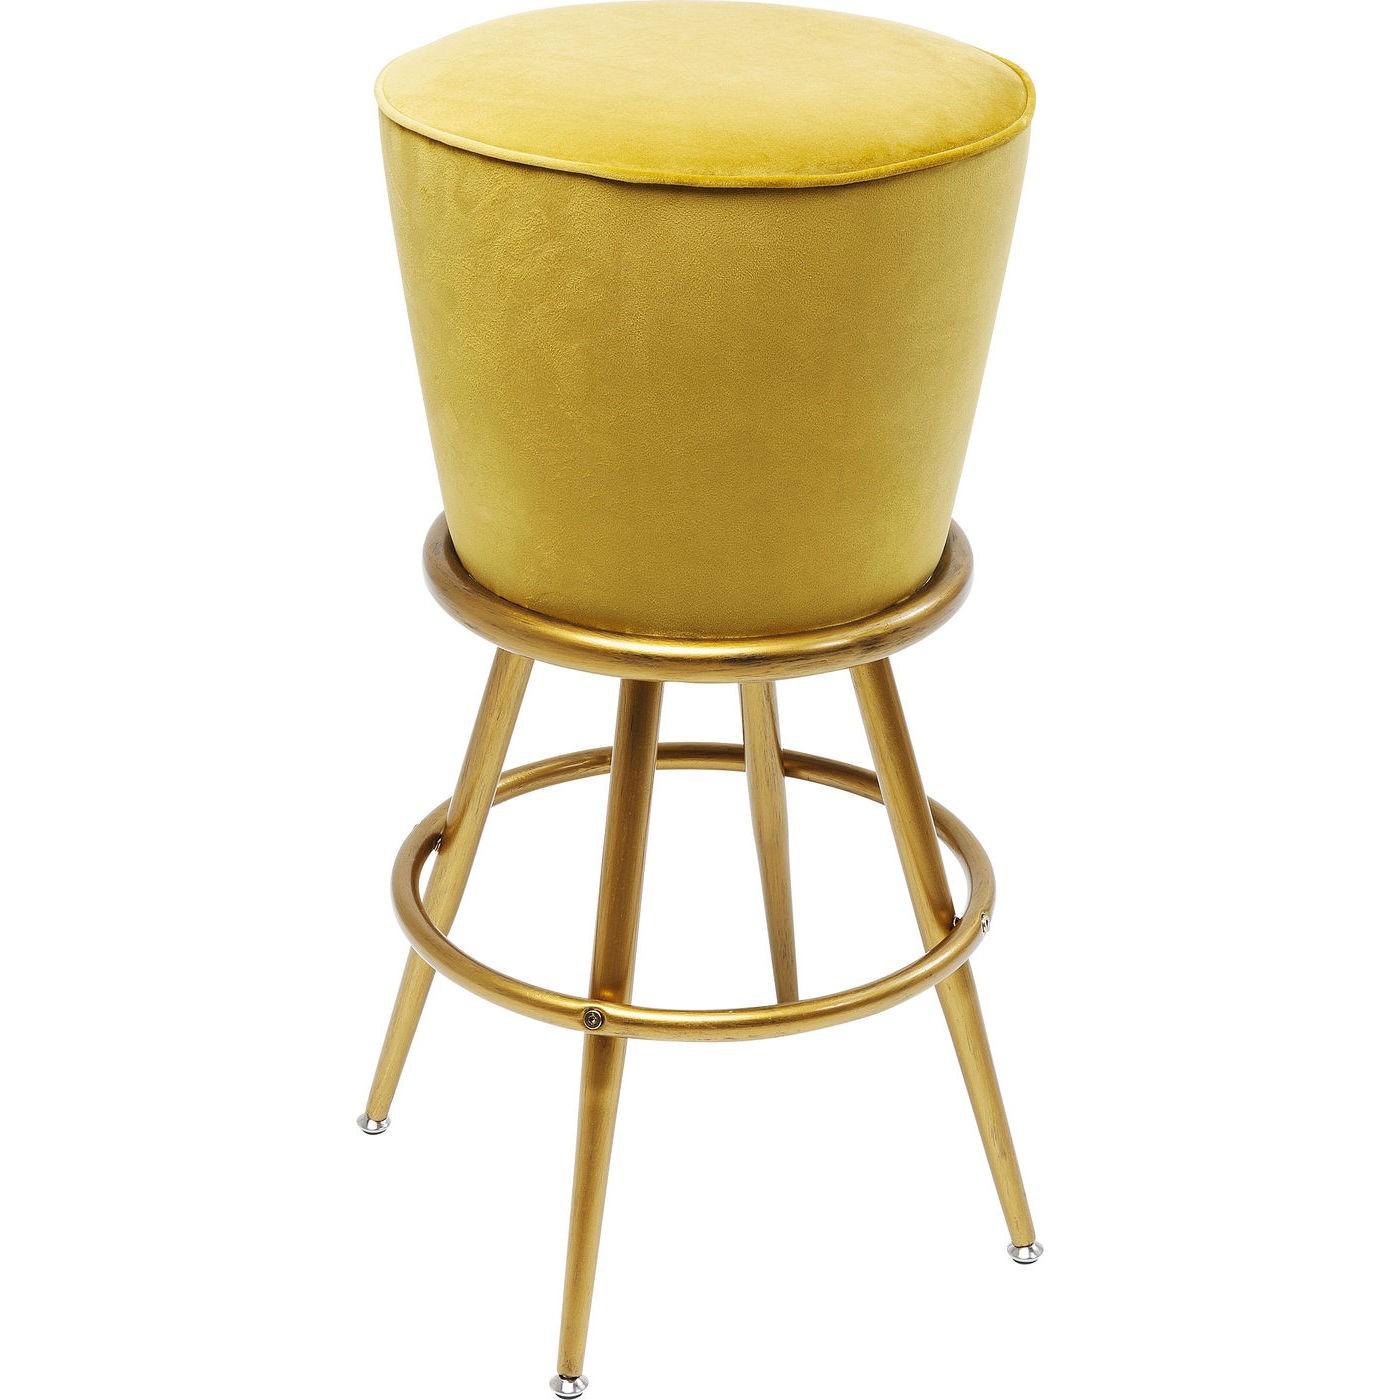 Tabouret de bar velours jaune et acier doré